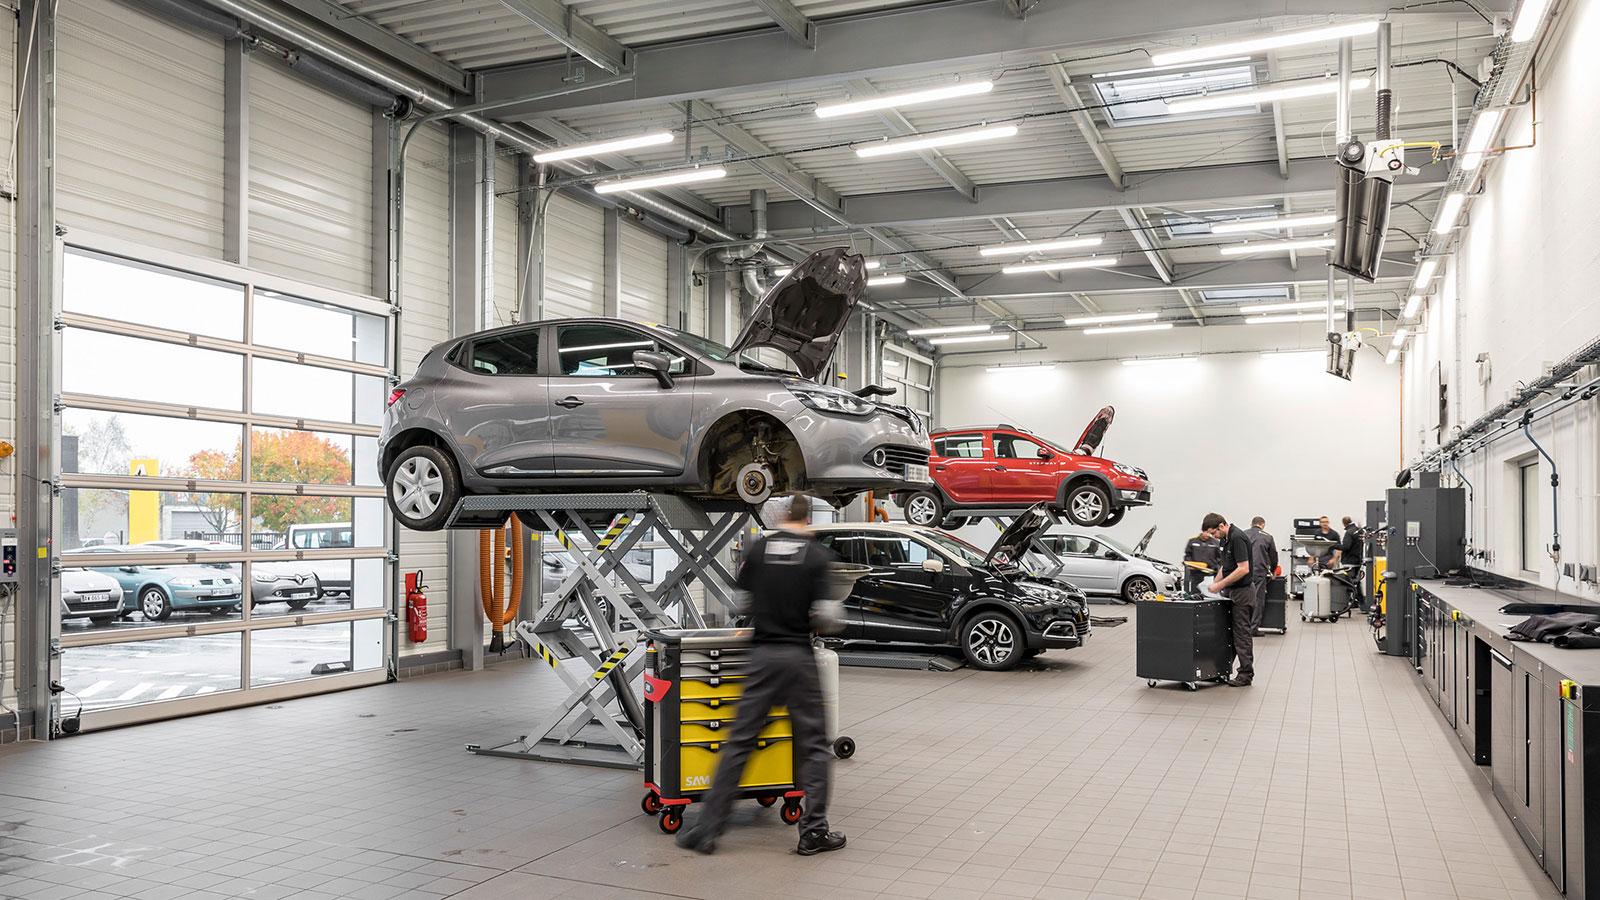 Για τη Renault, με τα υψηλά επίπεδα ικανοποίησης κατόχου (στις αντίστοιχες έρευνες) όλα αυτά αποτελούν προτεραιότητα και βασικά συστατικά του σχεδιασμού των After sales υπηρεσιών της.